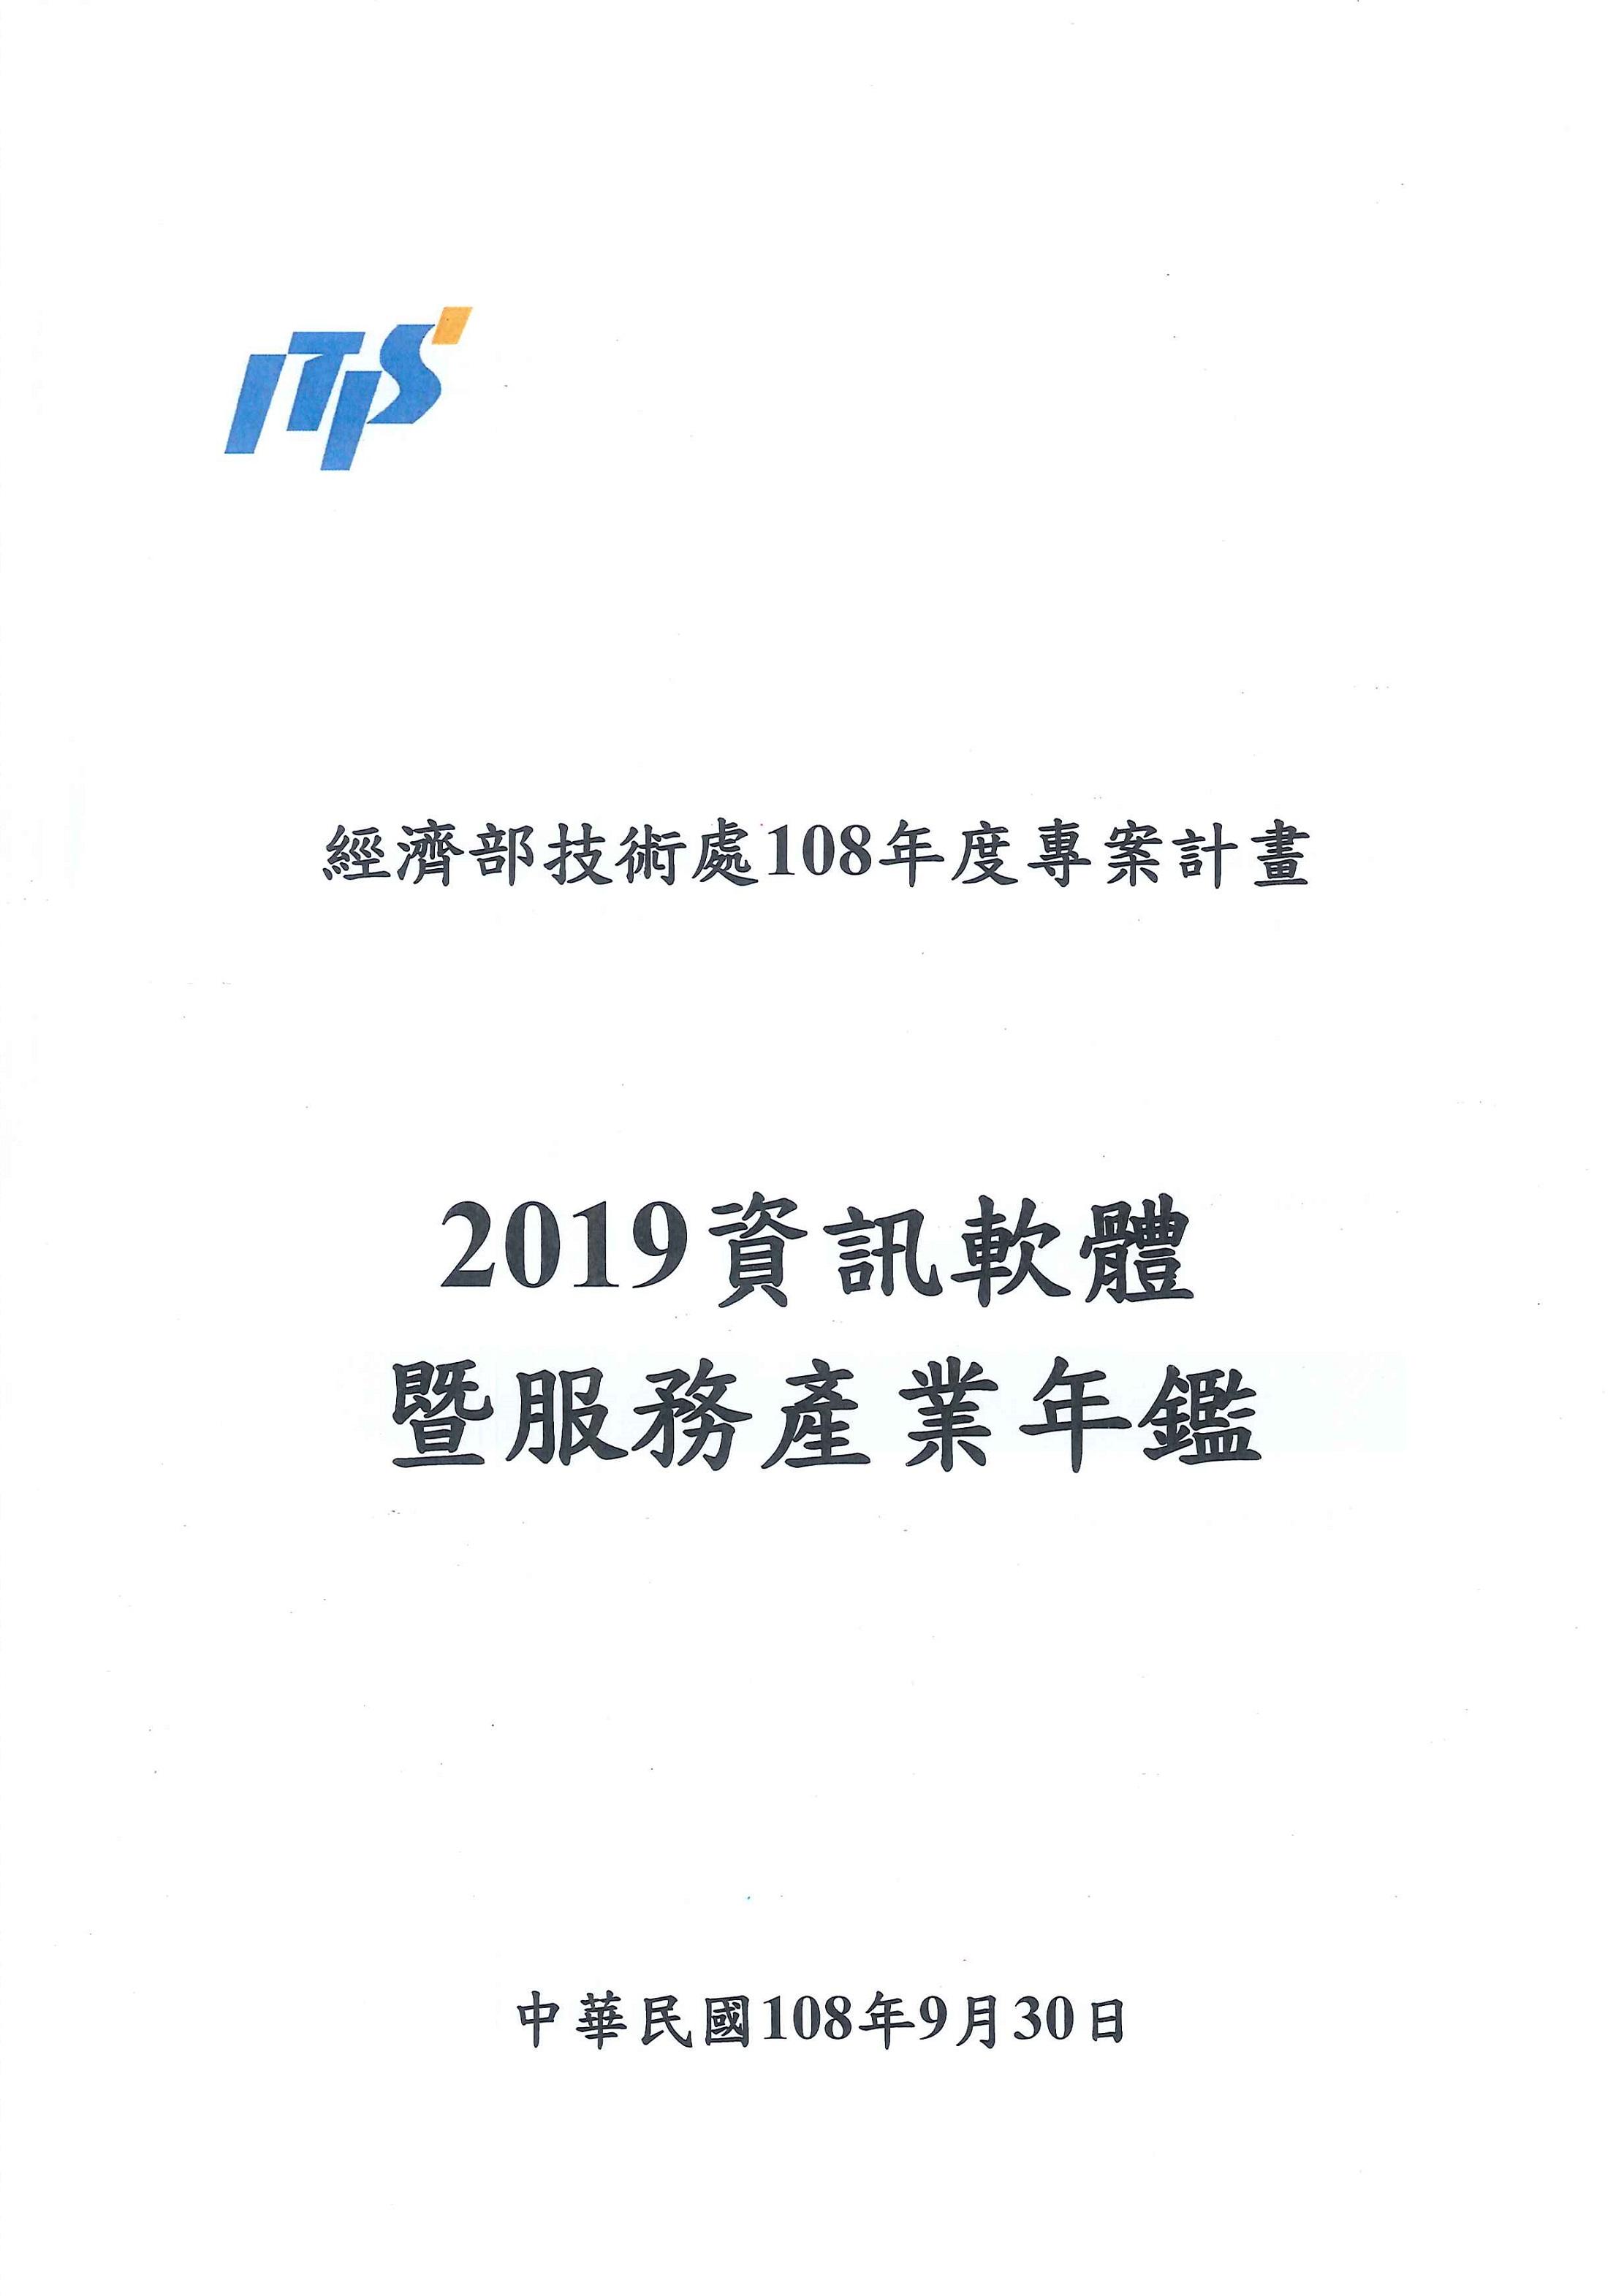 資訊軟體暨服務產業年鑑 [電子書].2019